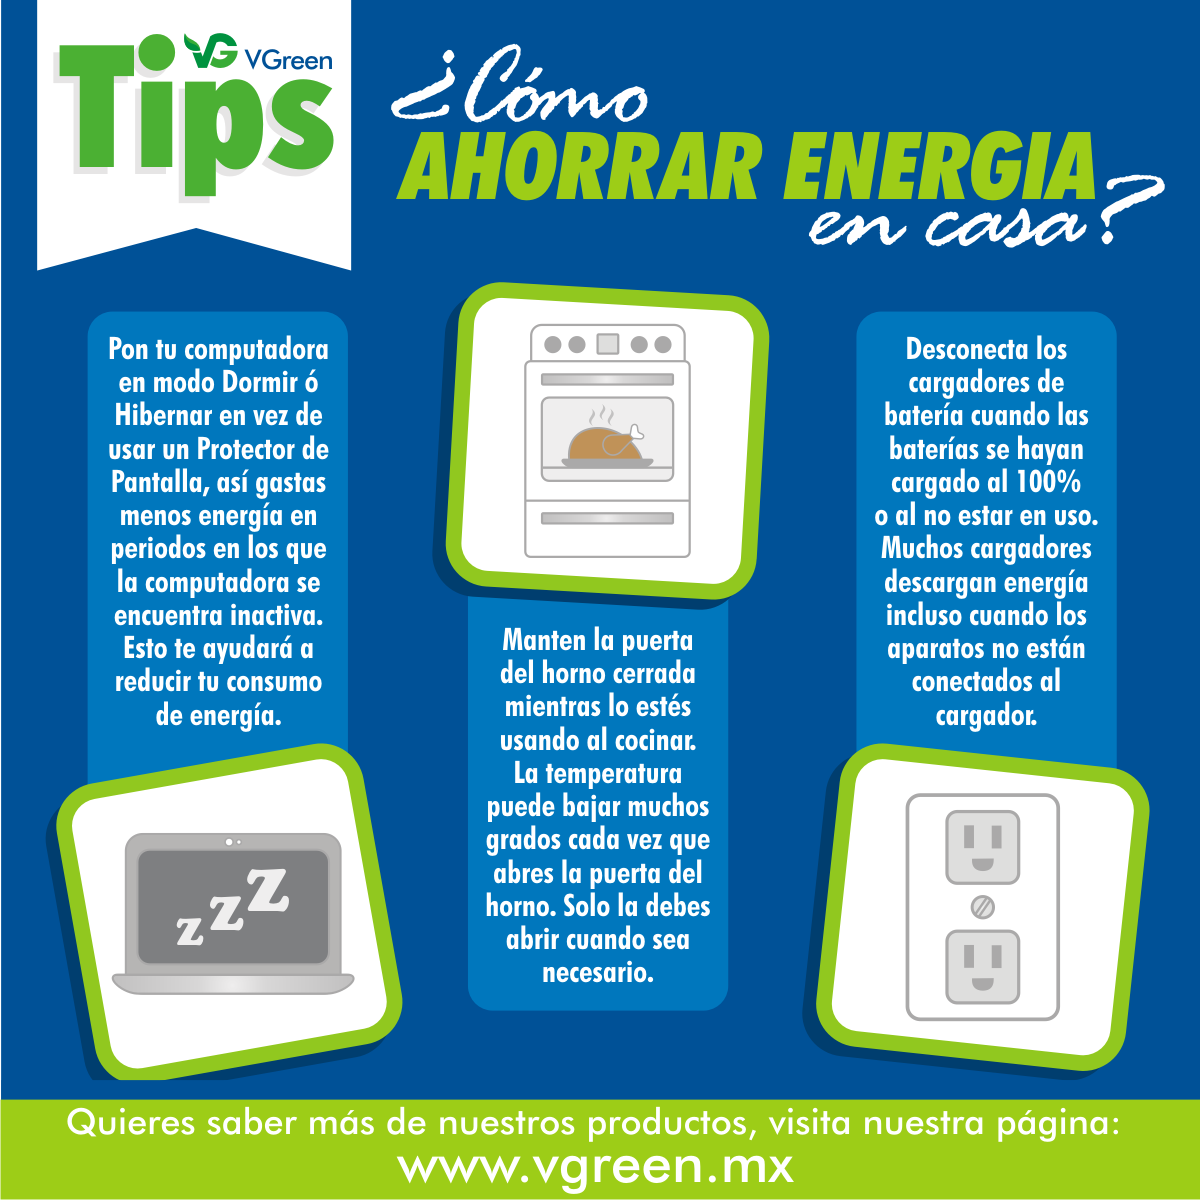 Como Ahorrar Energia En Casa Si Conoces Algun Otro Tip Para Ahorrar Energia No Dudes En Compartirlo Con Nosotros Ahorro De Energia Energia Medio Ambiente